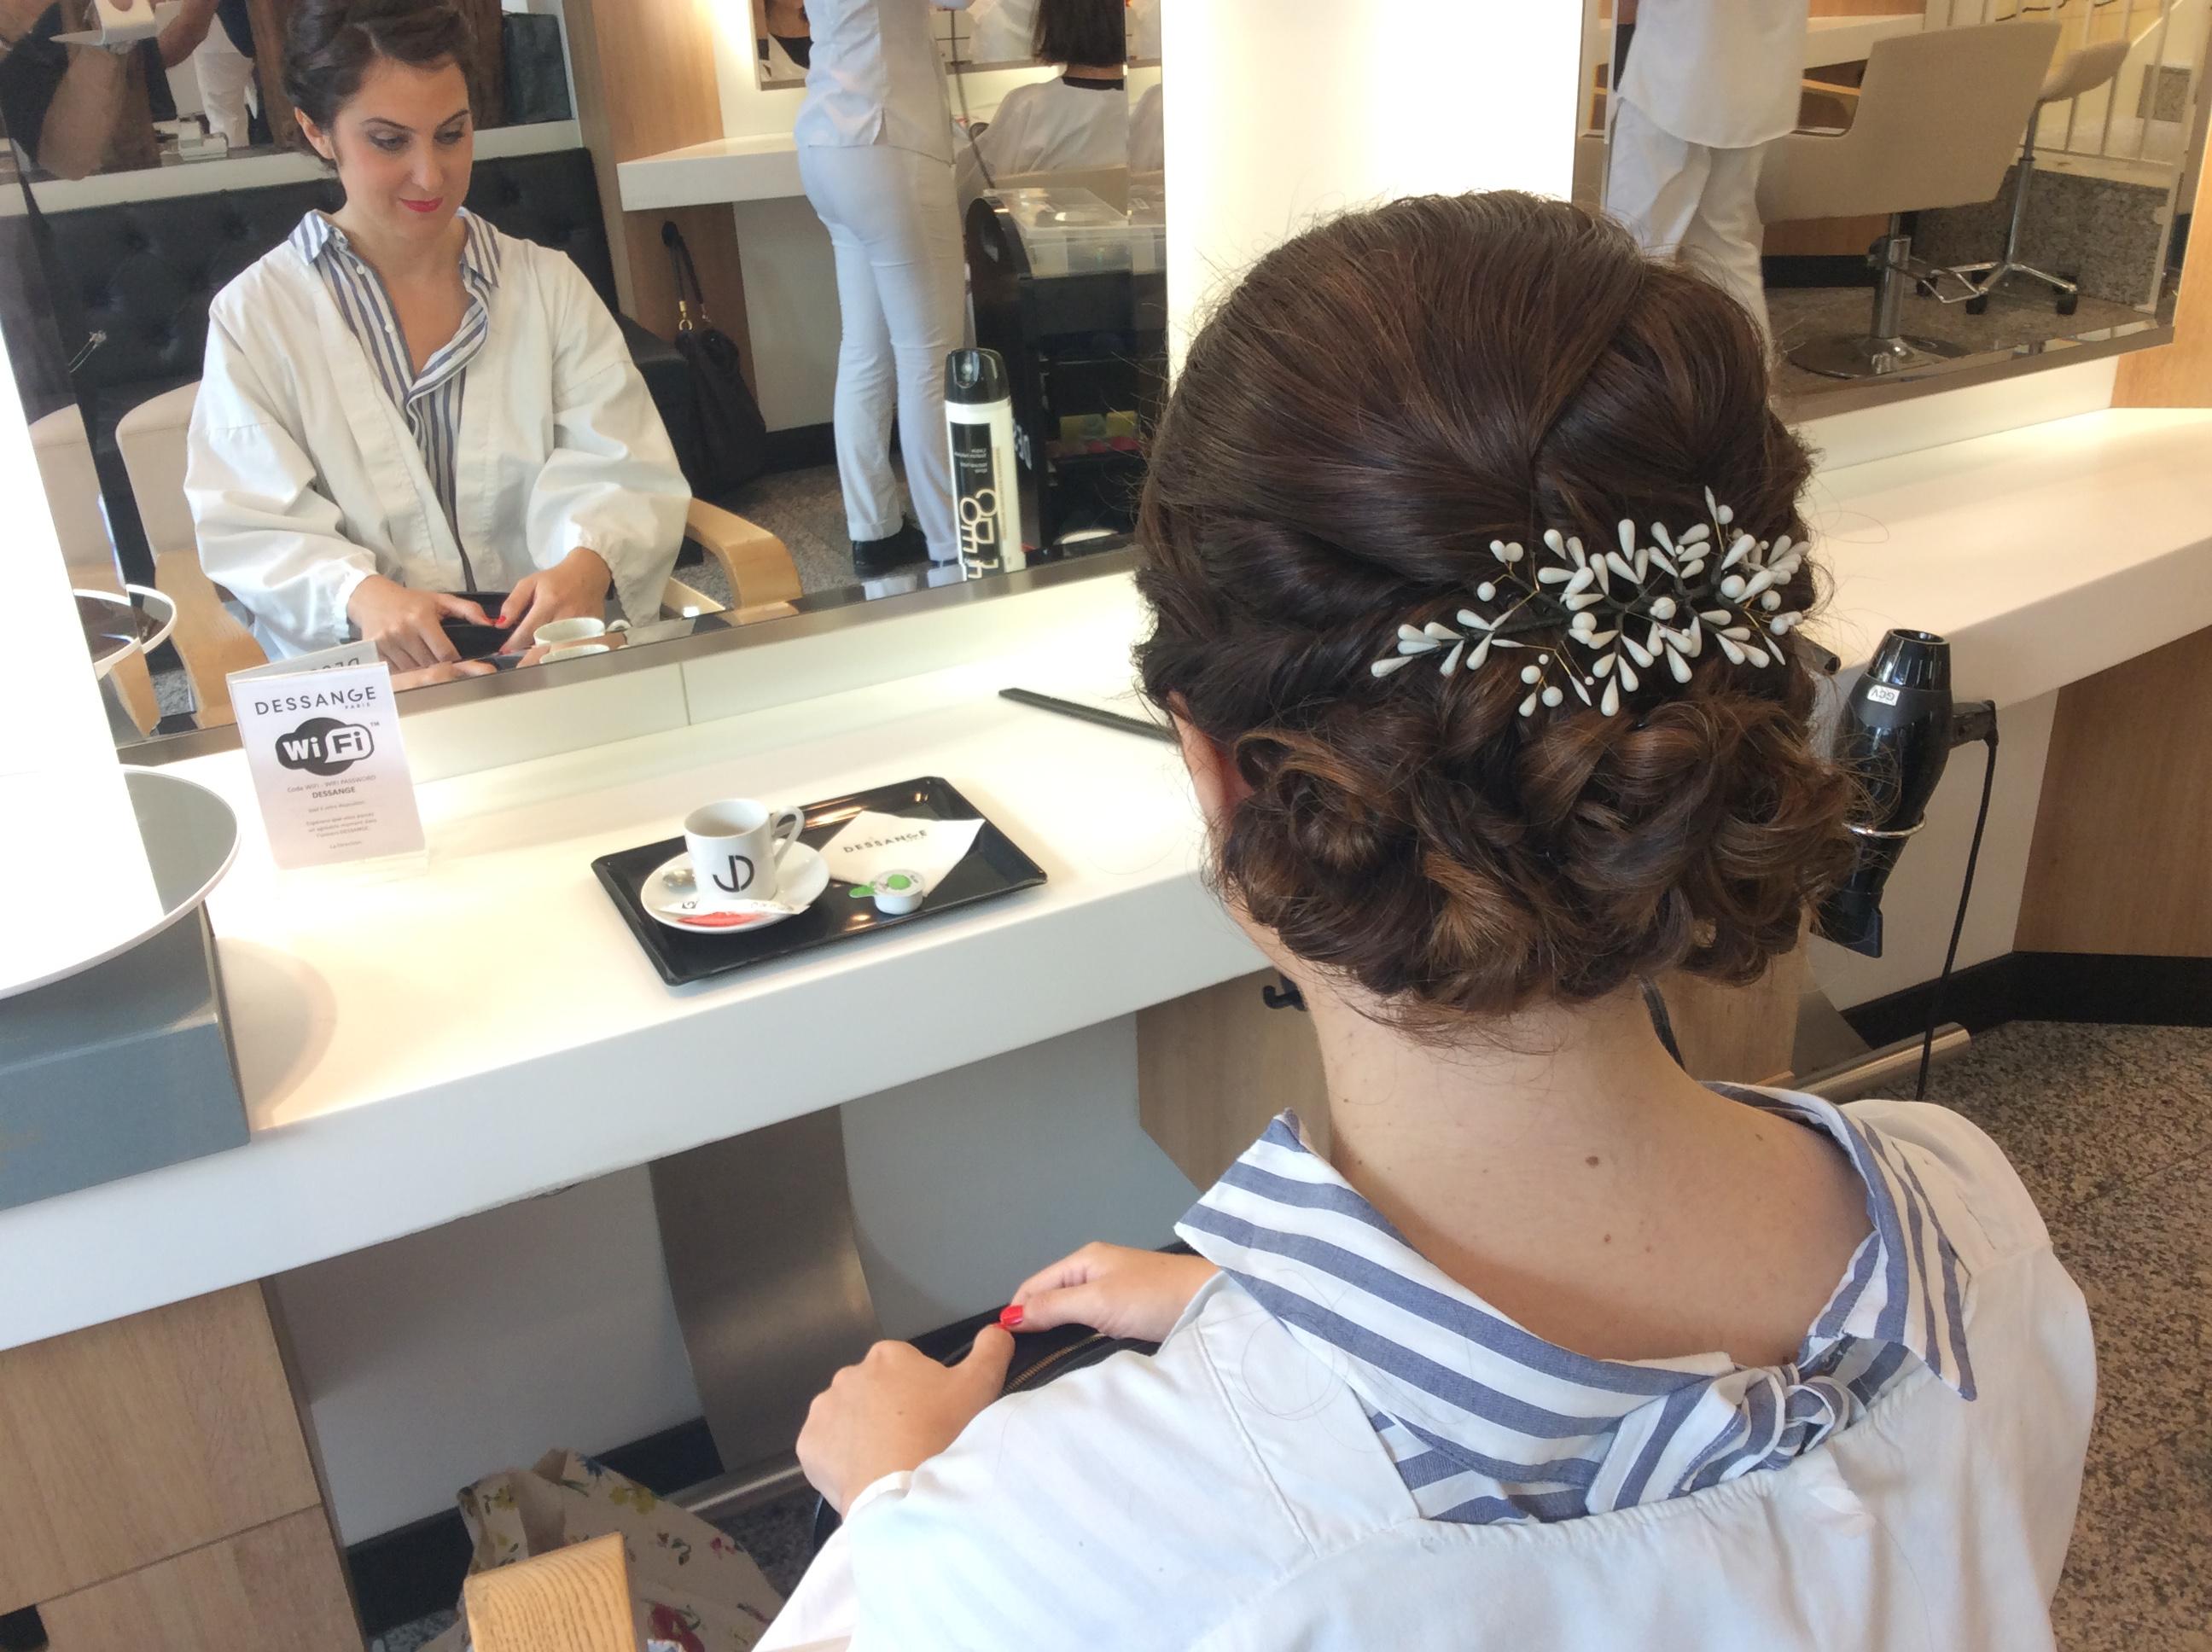 Salon de coiffure dessange saint germain coiffeurs for Devanture salon de coiffure